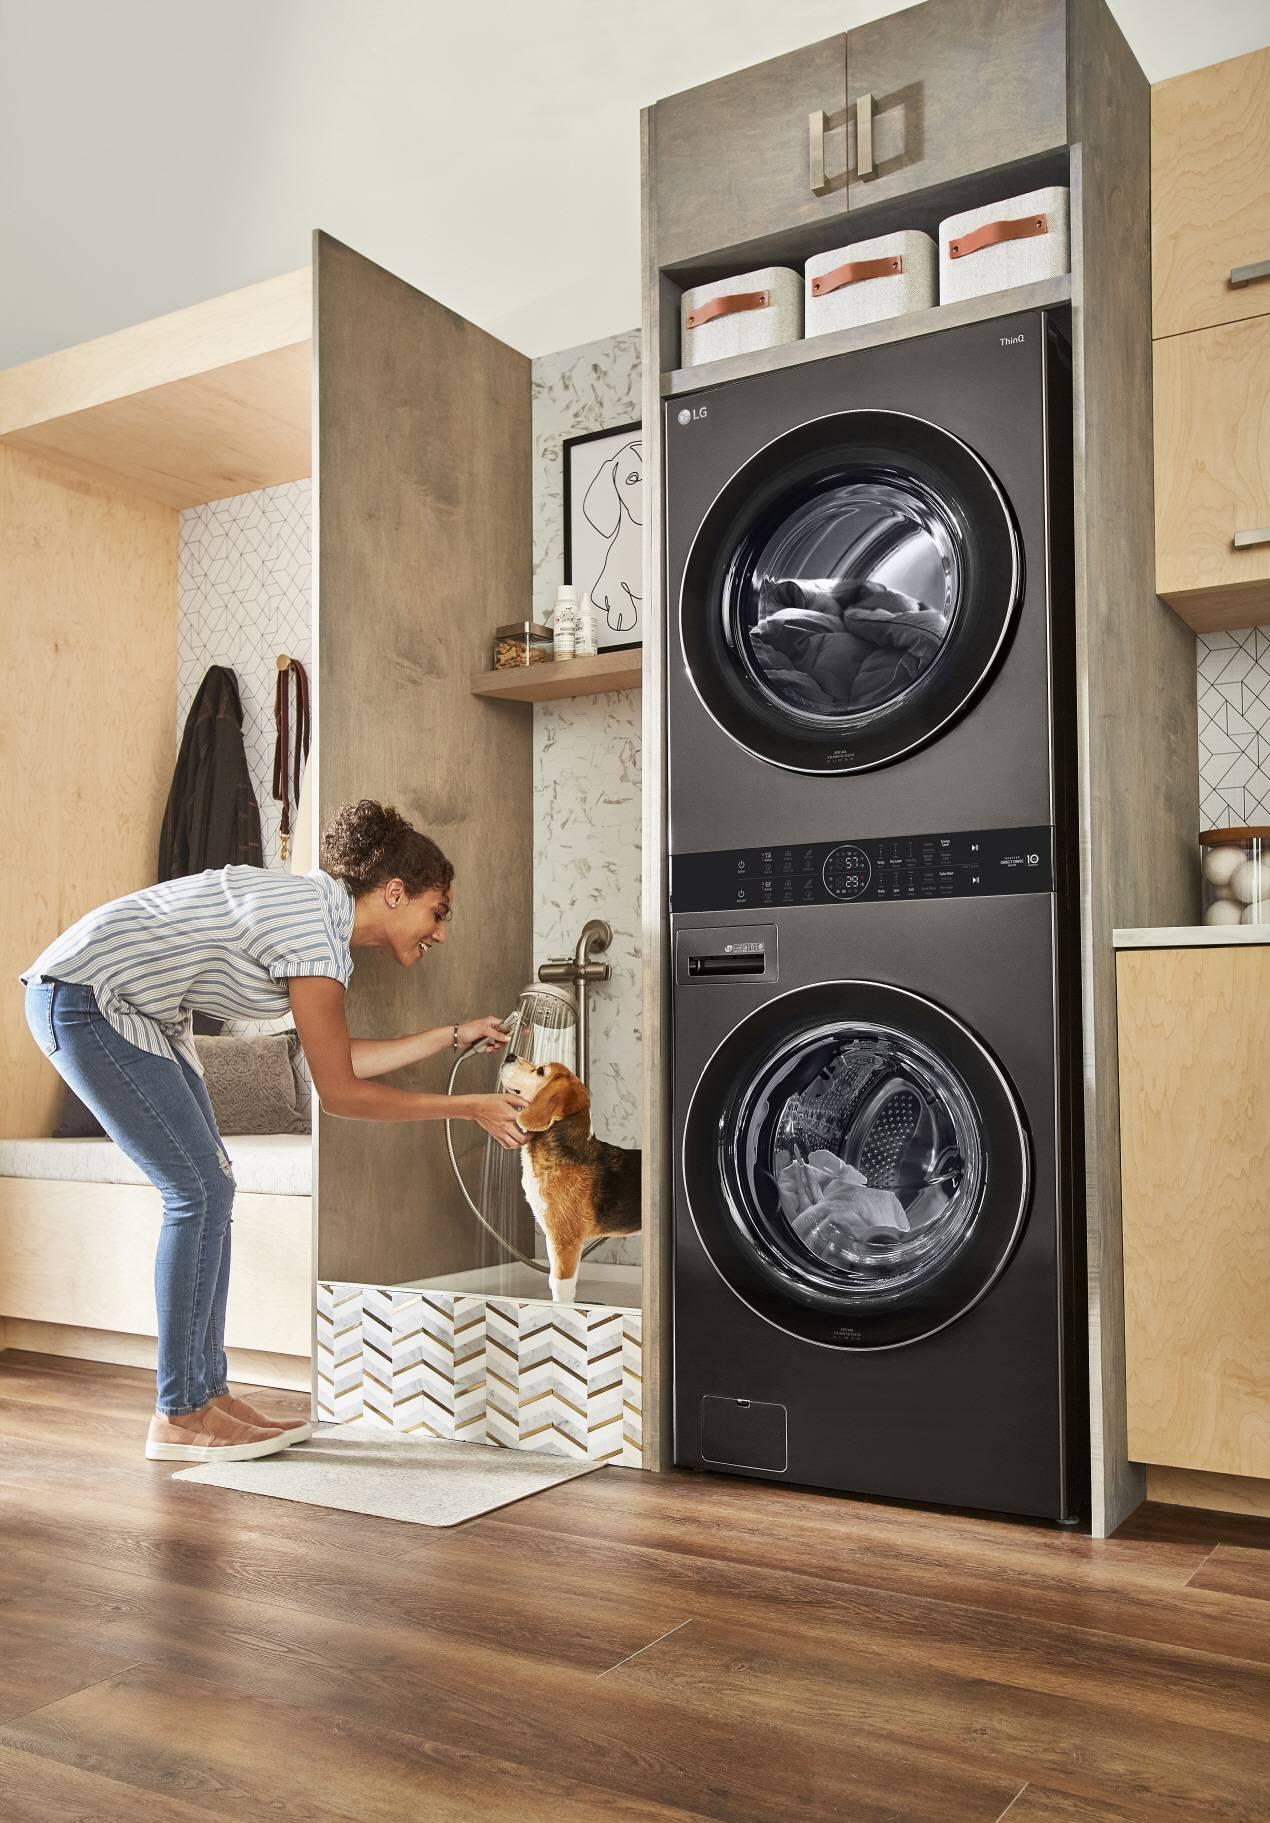 LG Washtower устанавливает новые стандарты в уходе за одеждой